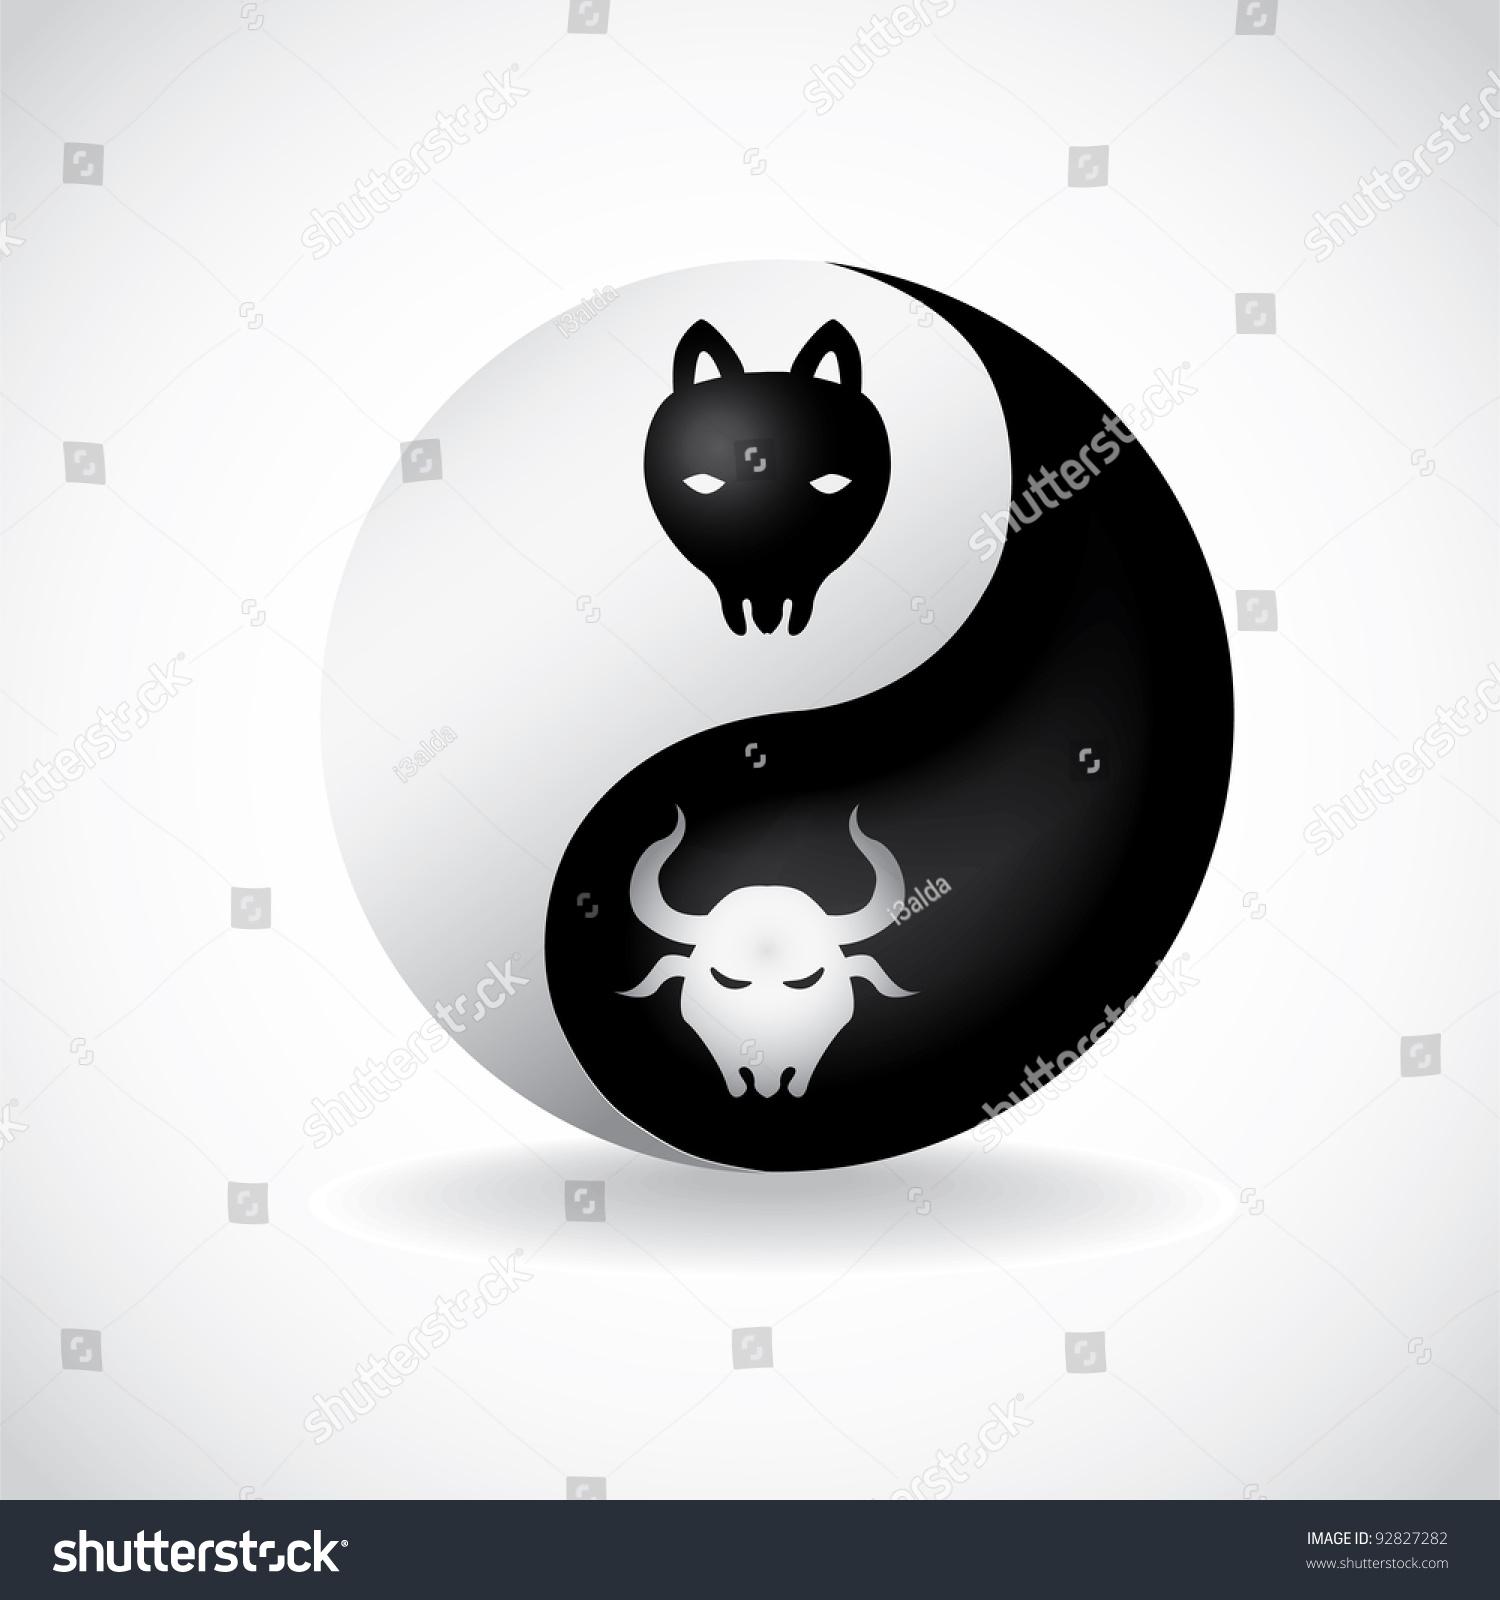 Bull Bear Yin Yang Symbol Illustration Stock Vector Royalty Free